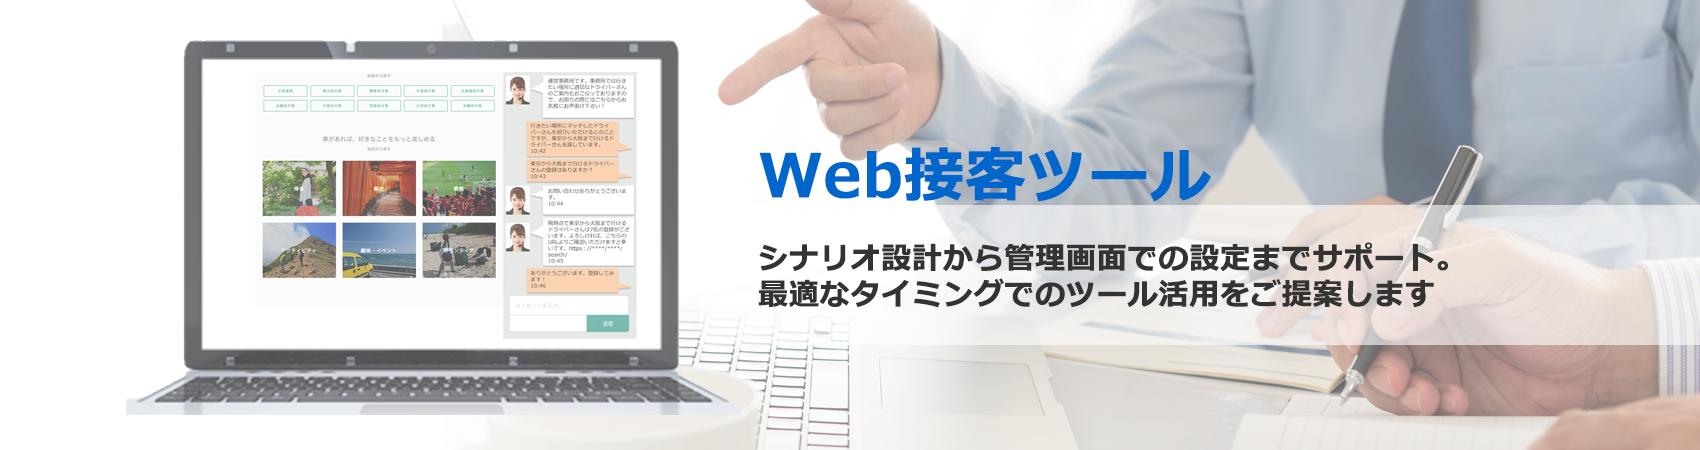 adishのWeb接客:導入からサポートいたします。シナリオ設計から管理画面での設定のスタートアップをお手伝いします。